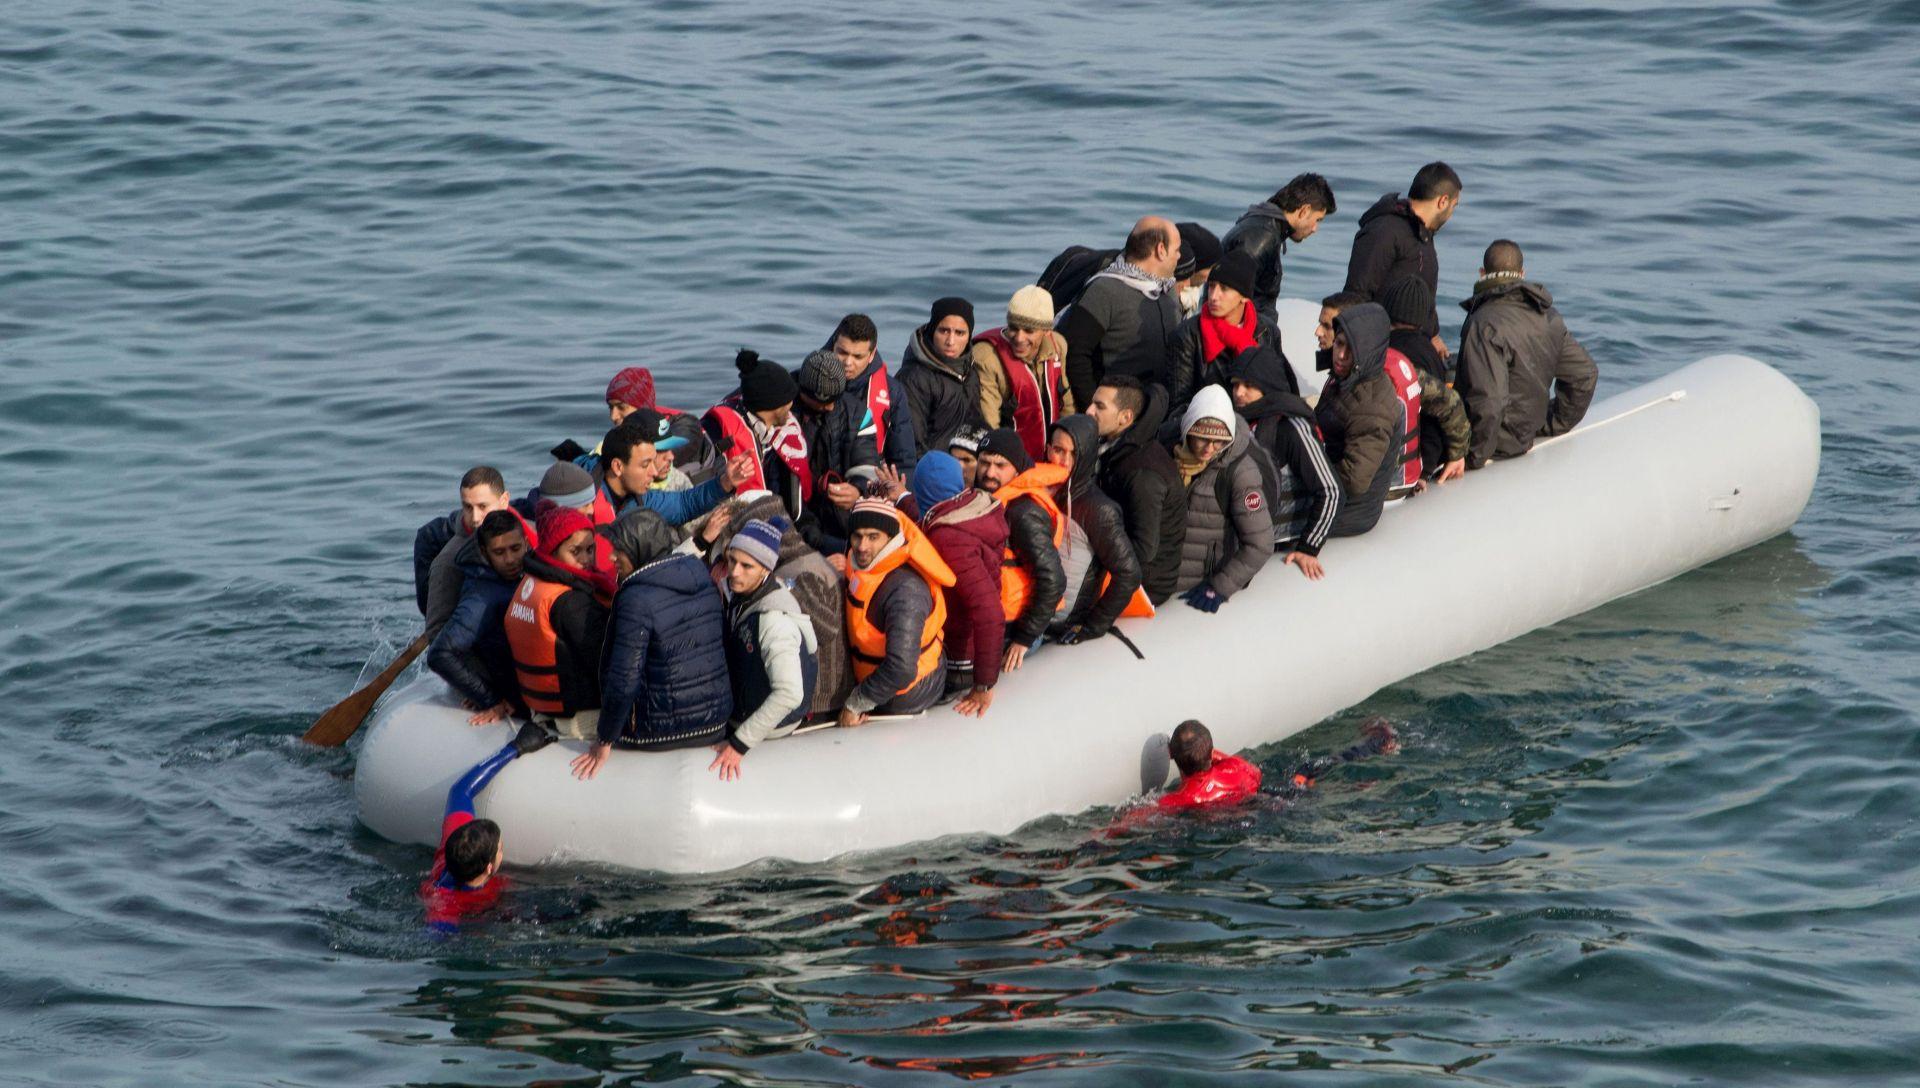 TALIJANSKA OBALNA STRAŽA: 809 migranata spašeno od utorka